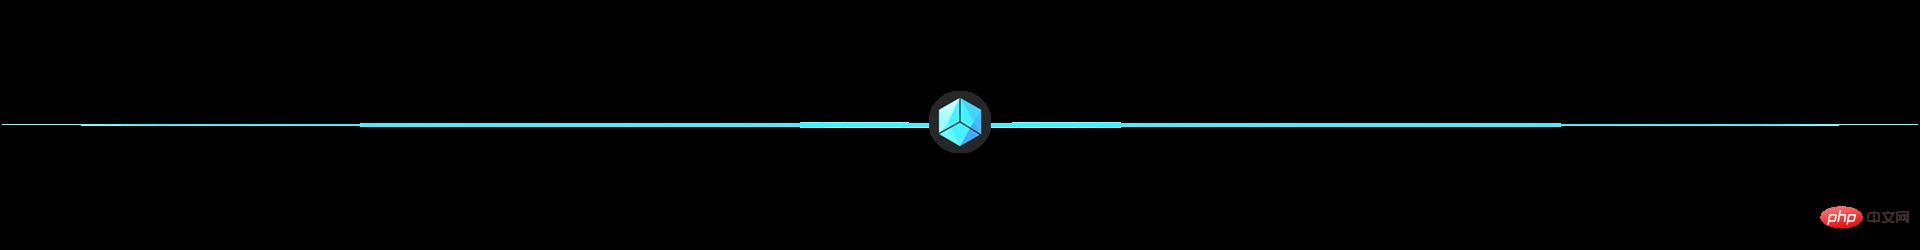 重学JavaScript 对象_编程技术_亿码酷站插图8